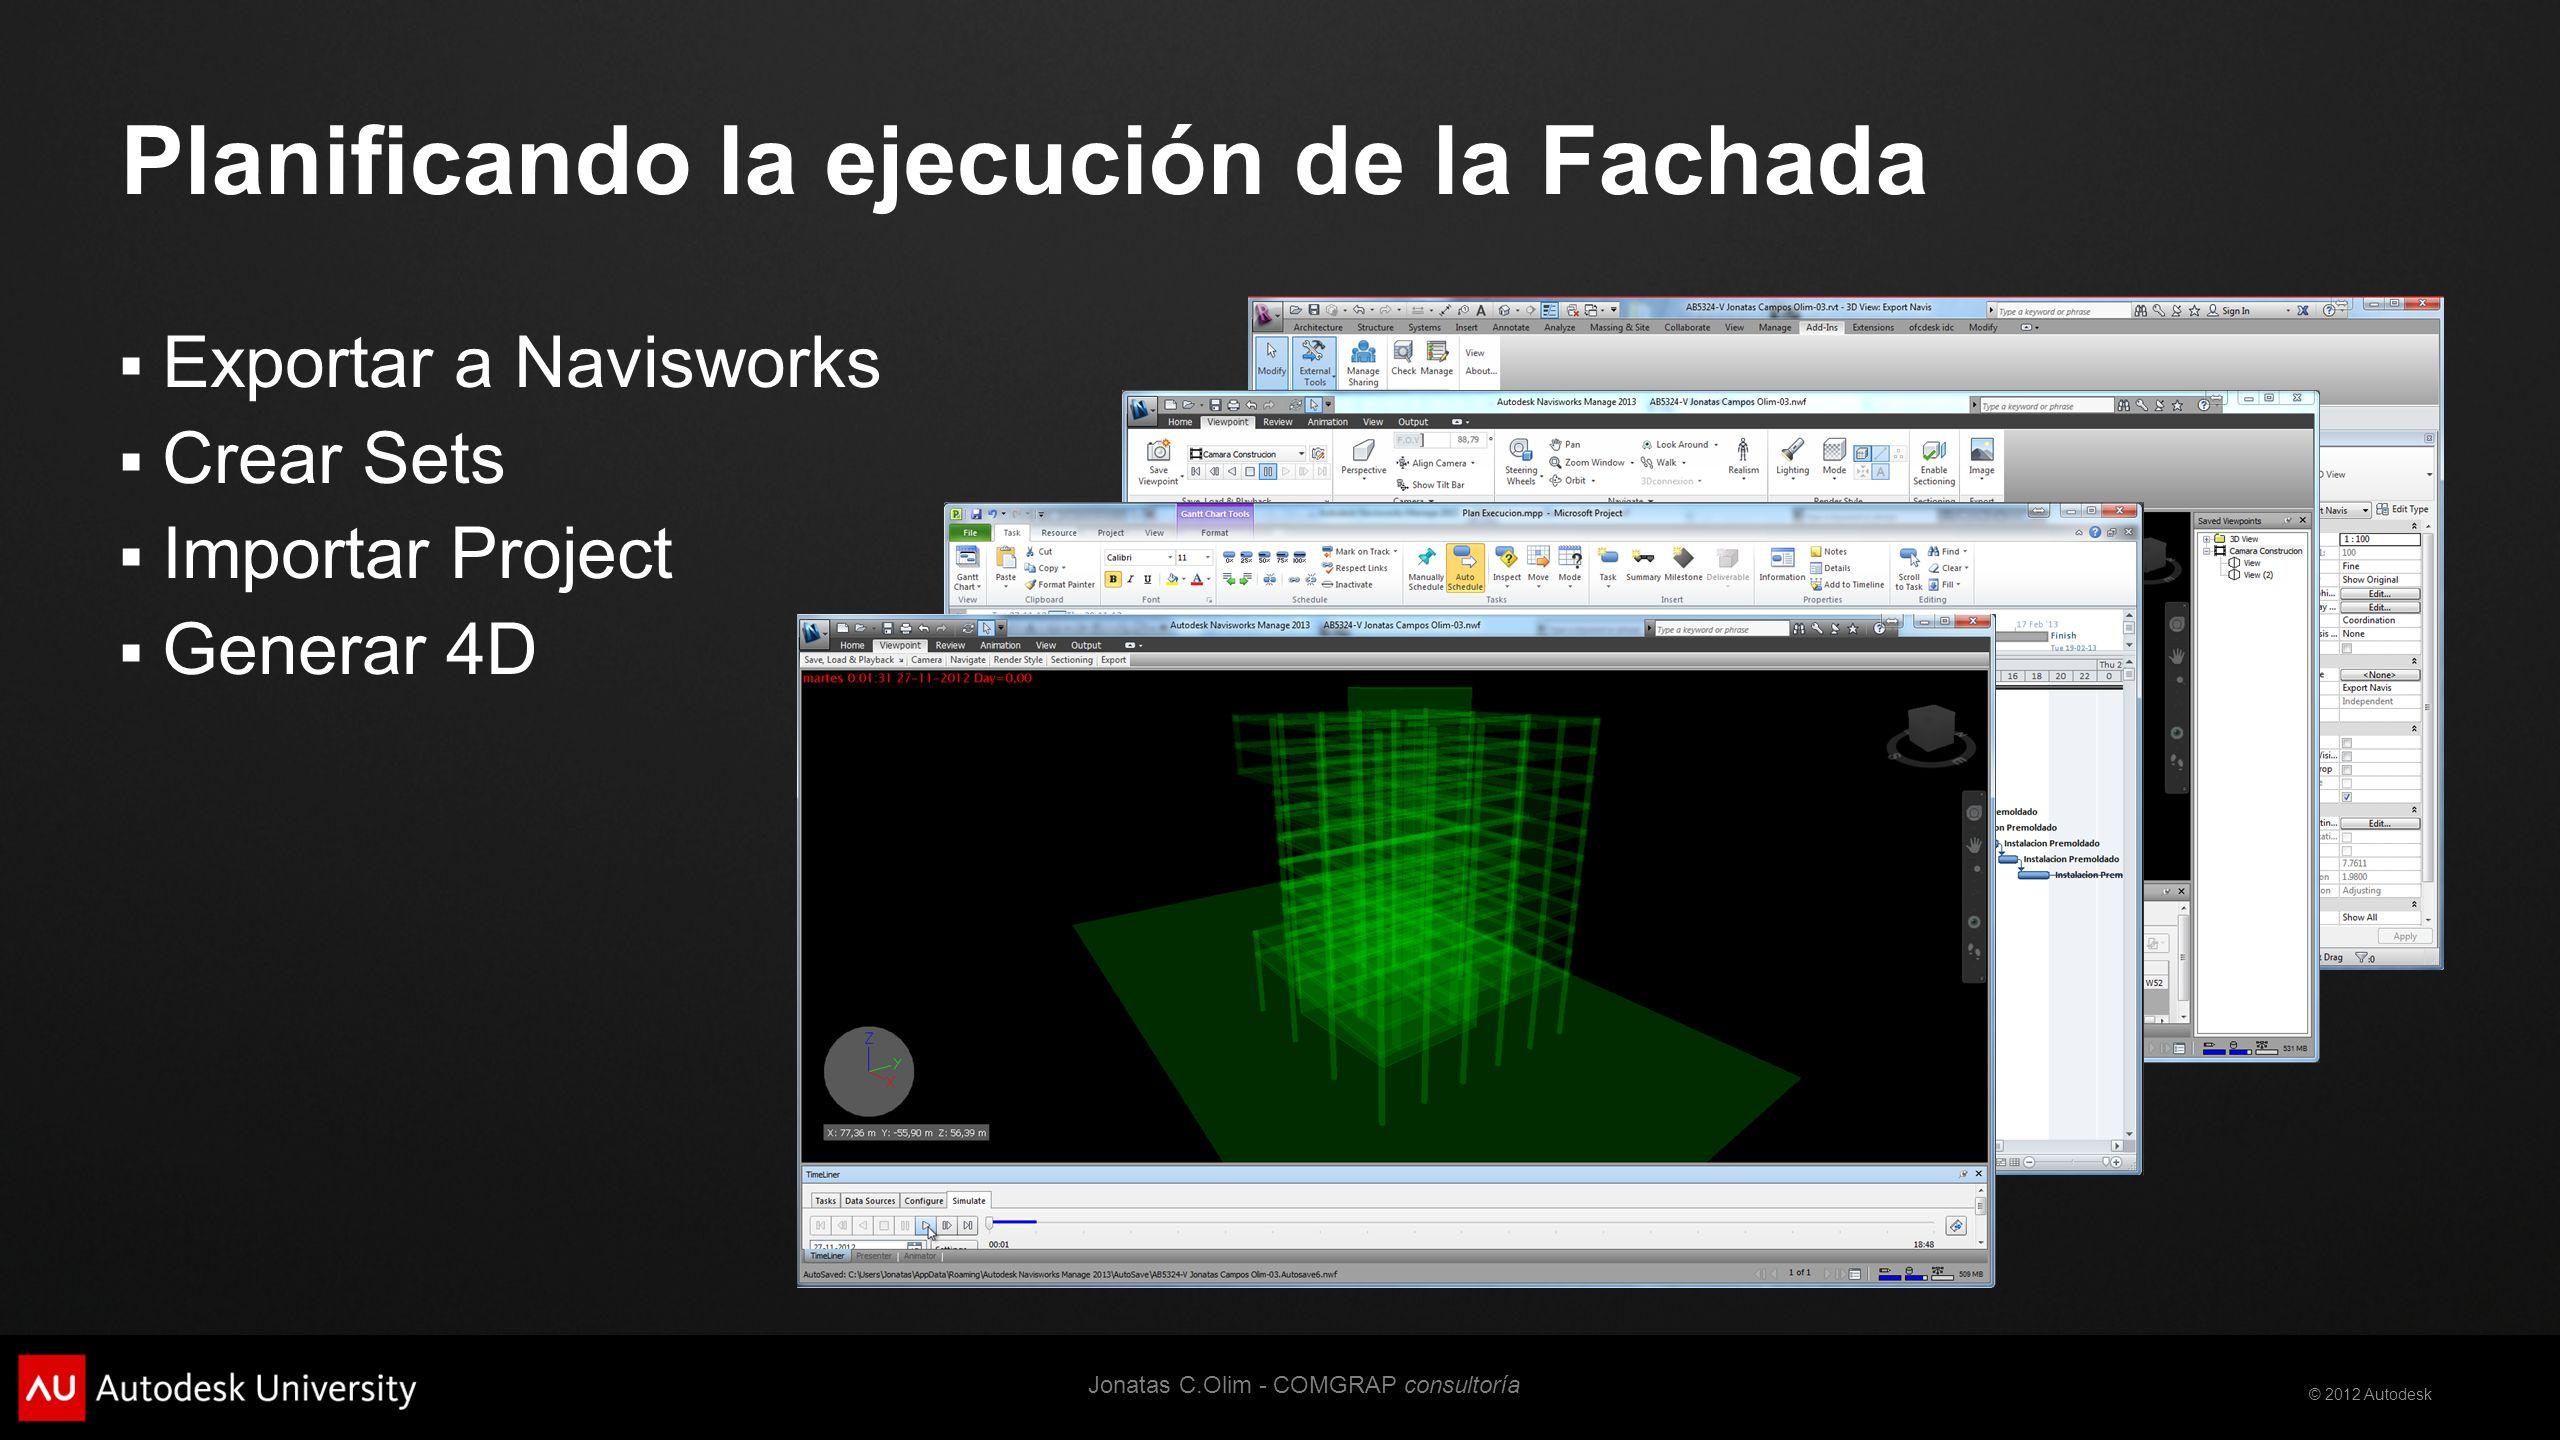 © 2012 Autodesk Planificando la ejecución de la Fachada Exportar a Navisworks Crear Sets Importar Project Generar 4D Jonatas C.Olim - COMGRAP consultoría